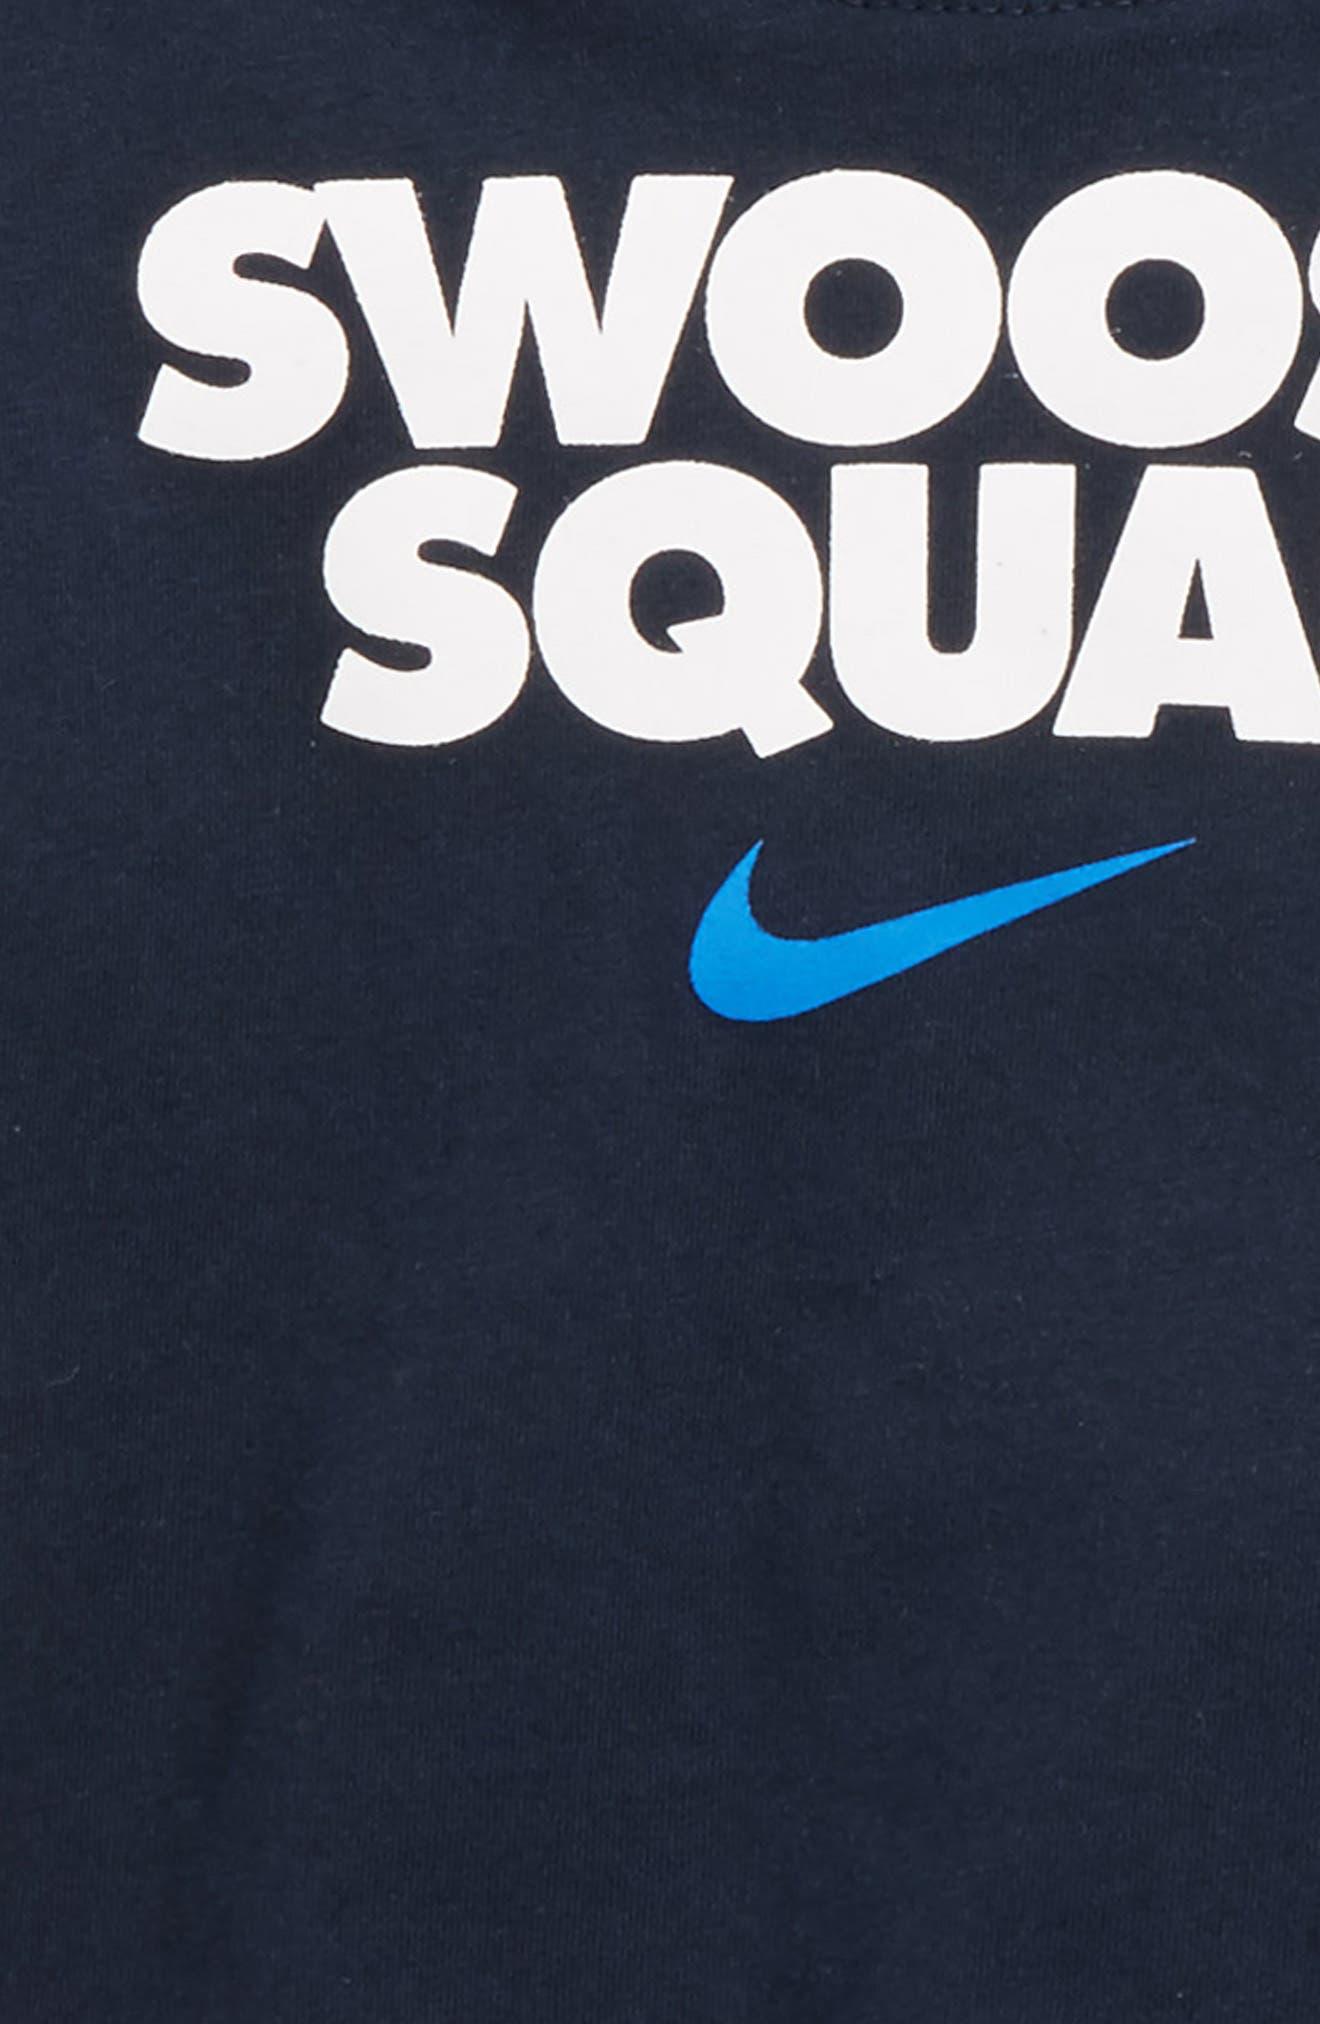 Swoosh Squad T-Shirt & Shorts Set,                             Alternate thumbnail 2, color,